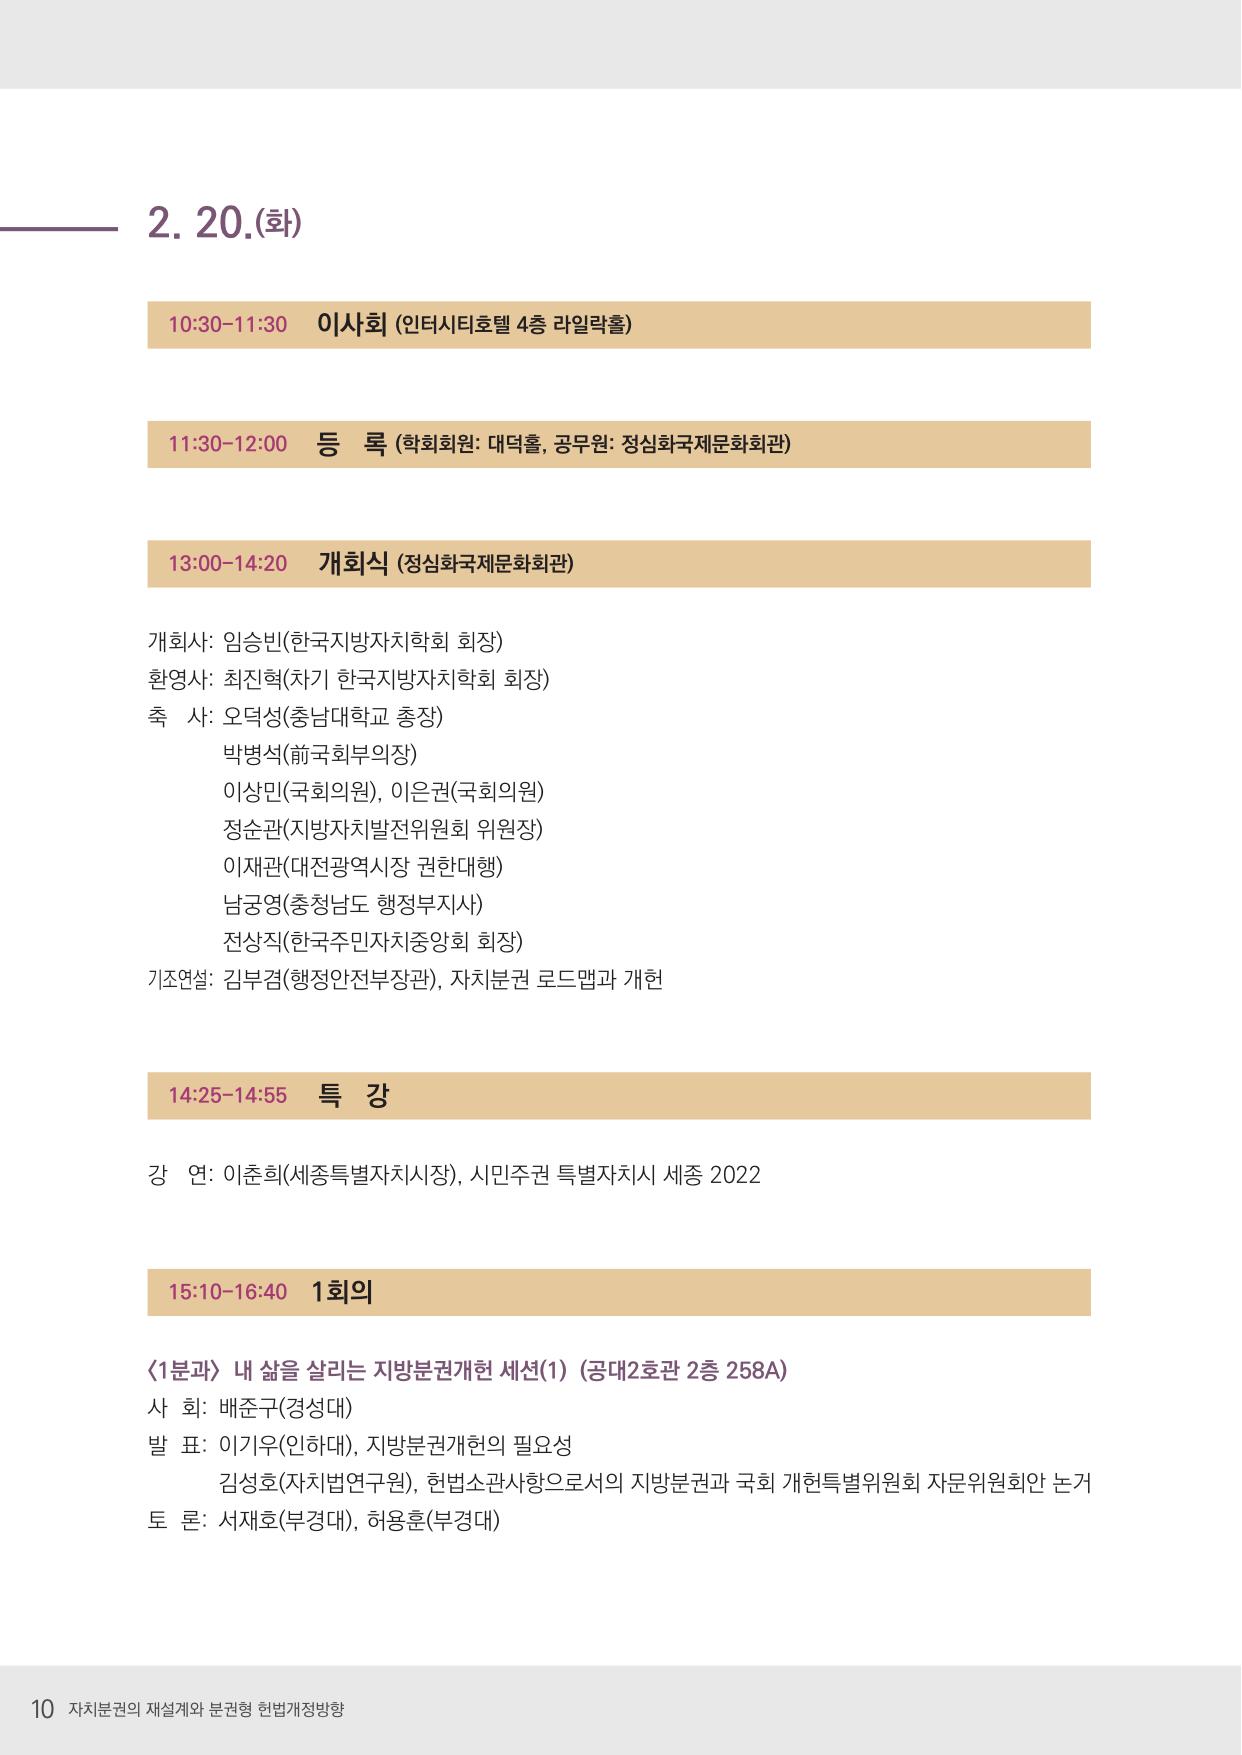 초청장_동계학술대회_한국지방자치학회(최종본)-10.jpg